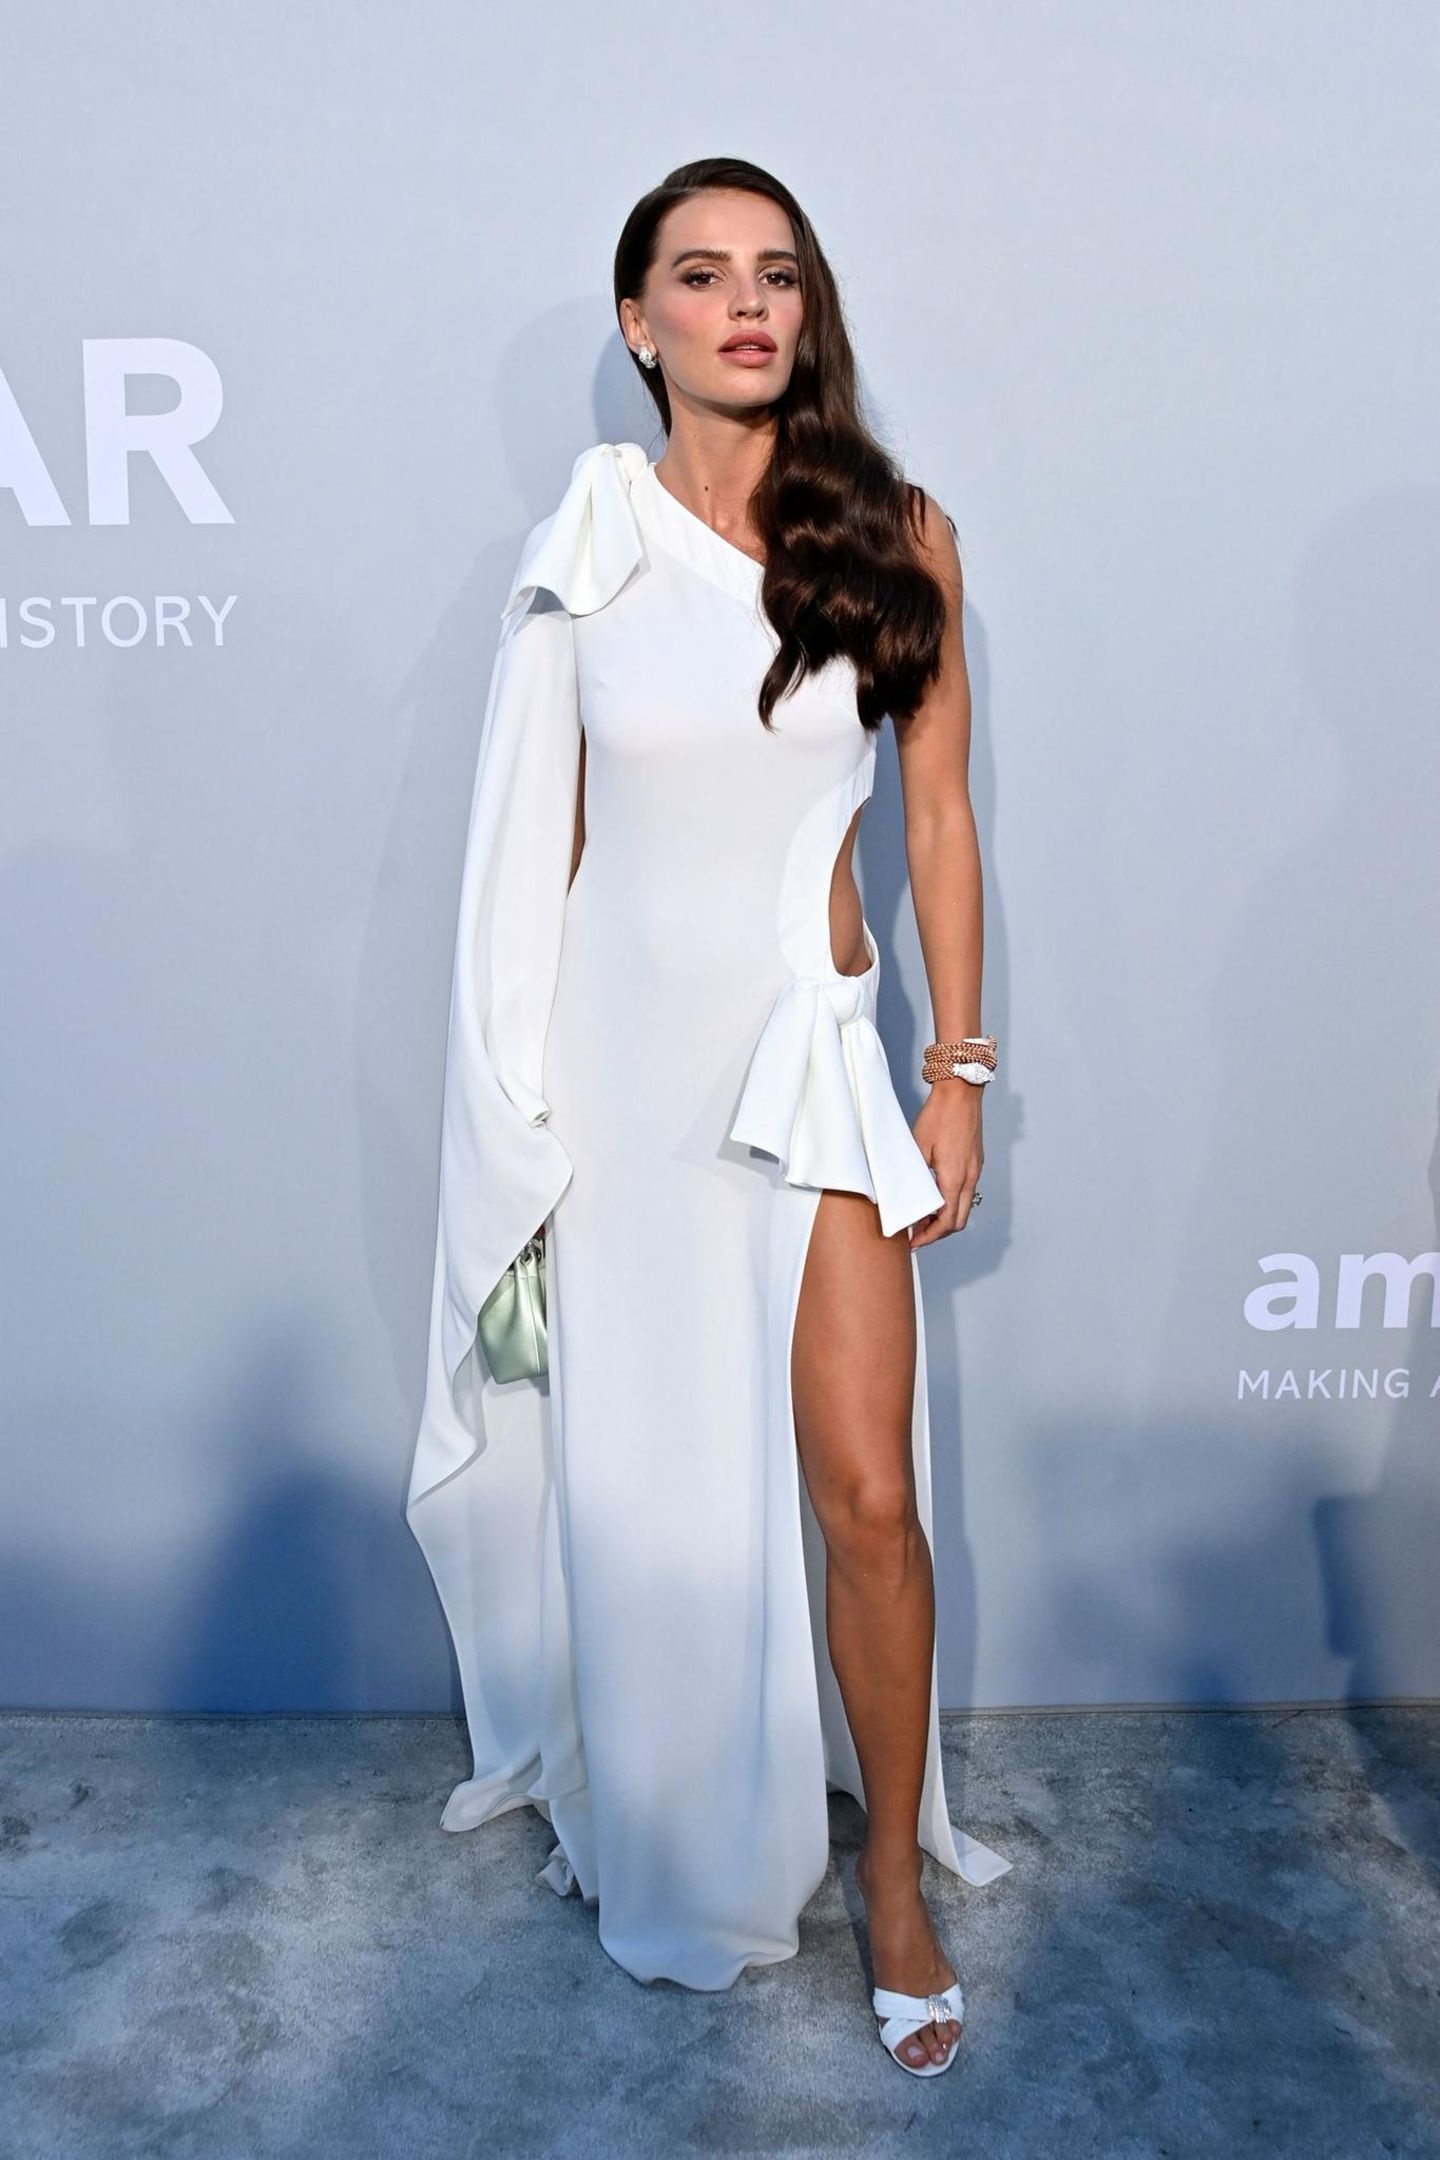 Model Anna Andres begeistert auf dem grauen Teppich in einem weißen Look von Elie Saab.